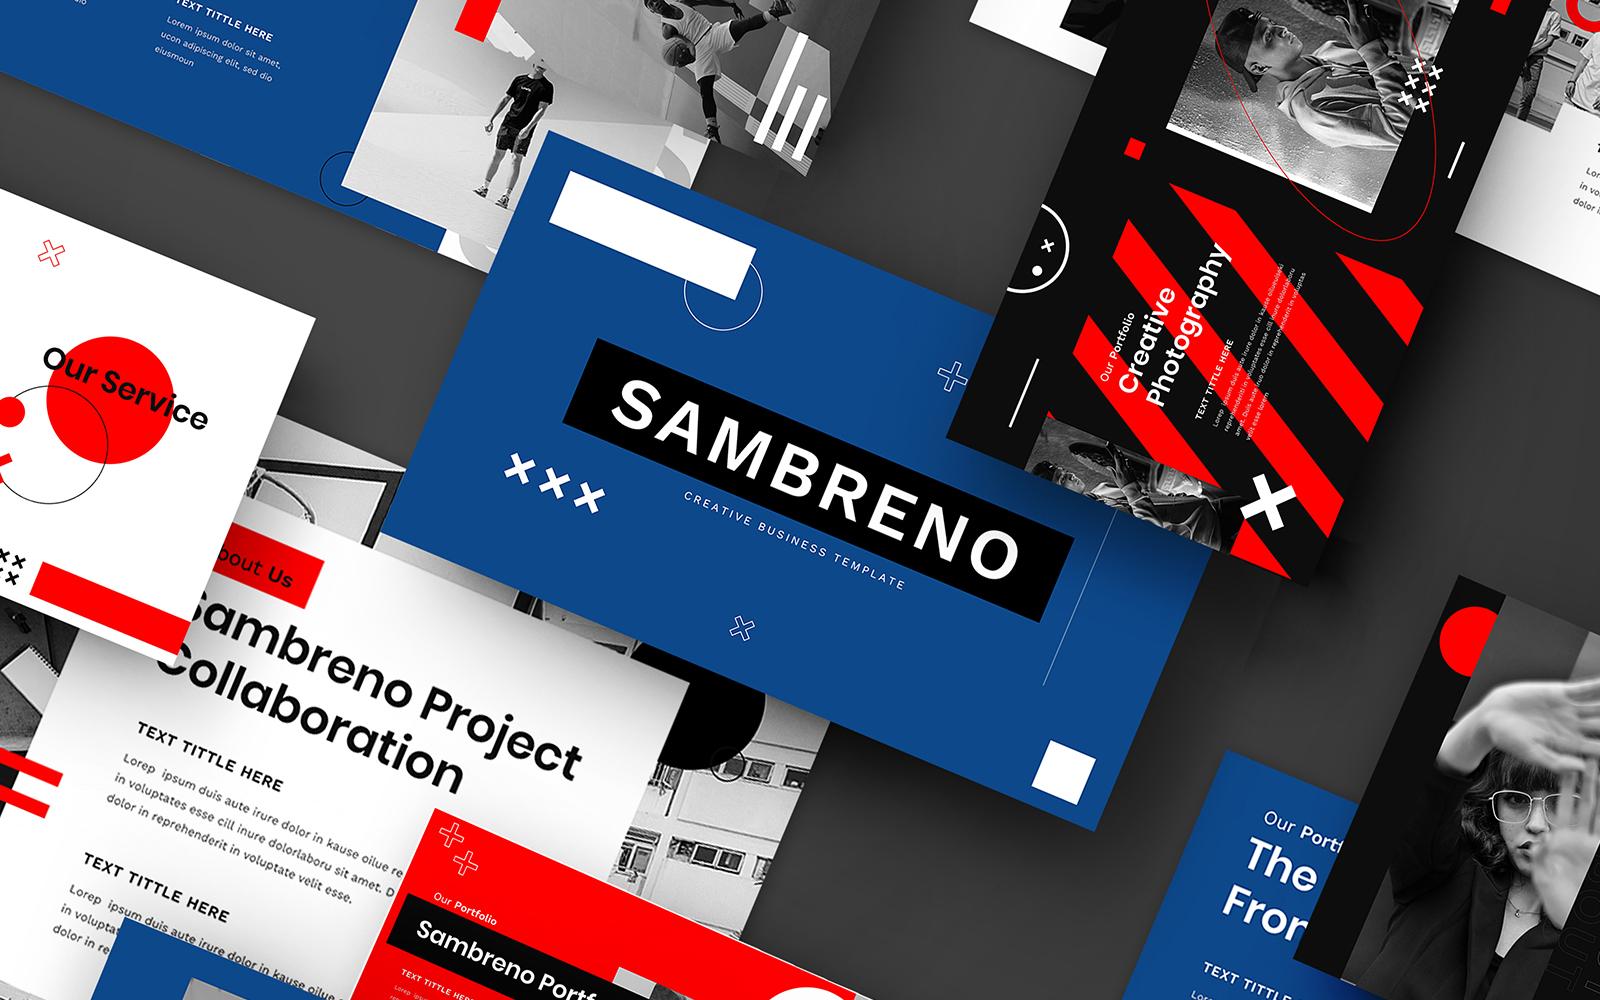 Sambreno – Creative Business Template №110284